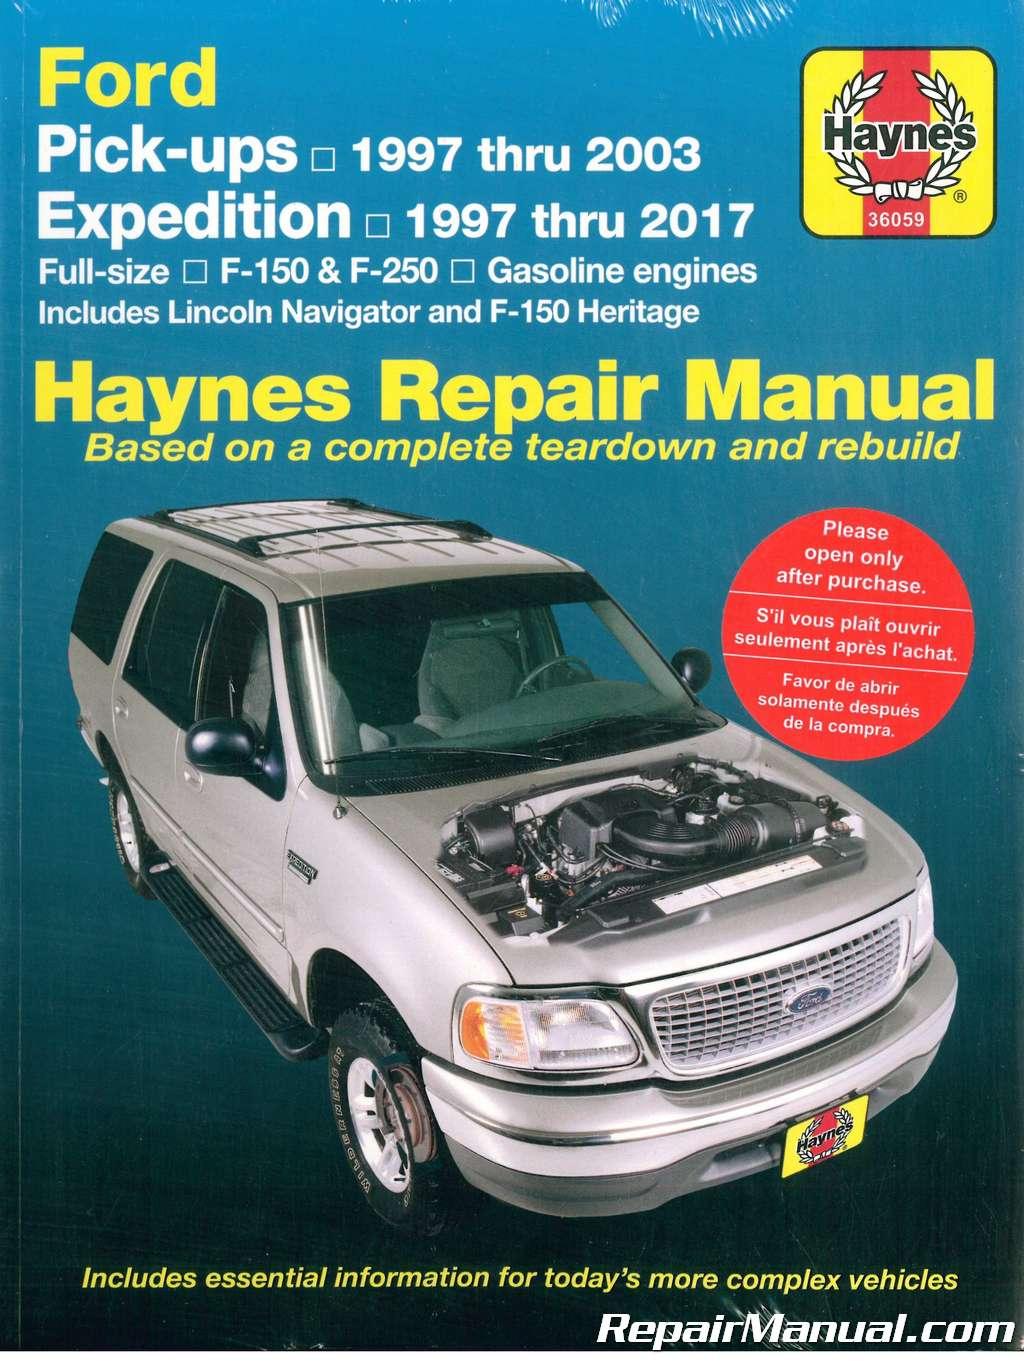 haynes ford pickup 1997 2003 expedition 1997 2017 repair manual rh repairmanual com 2005 Ford Factory Repair Manuals Chilton Repair Manual 2003 Ford Truck